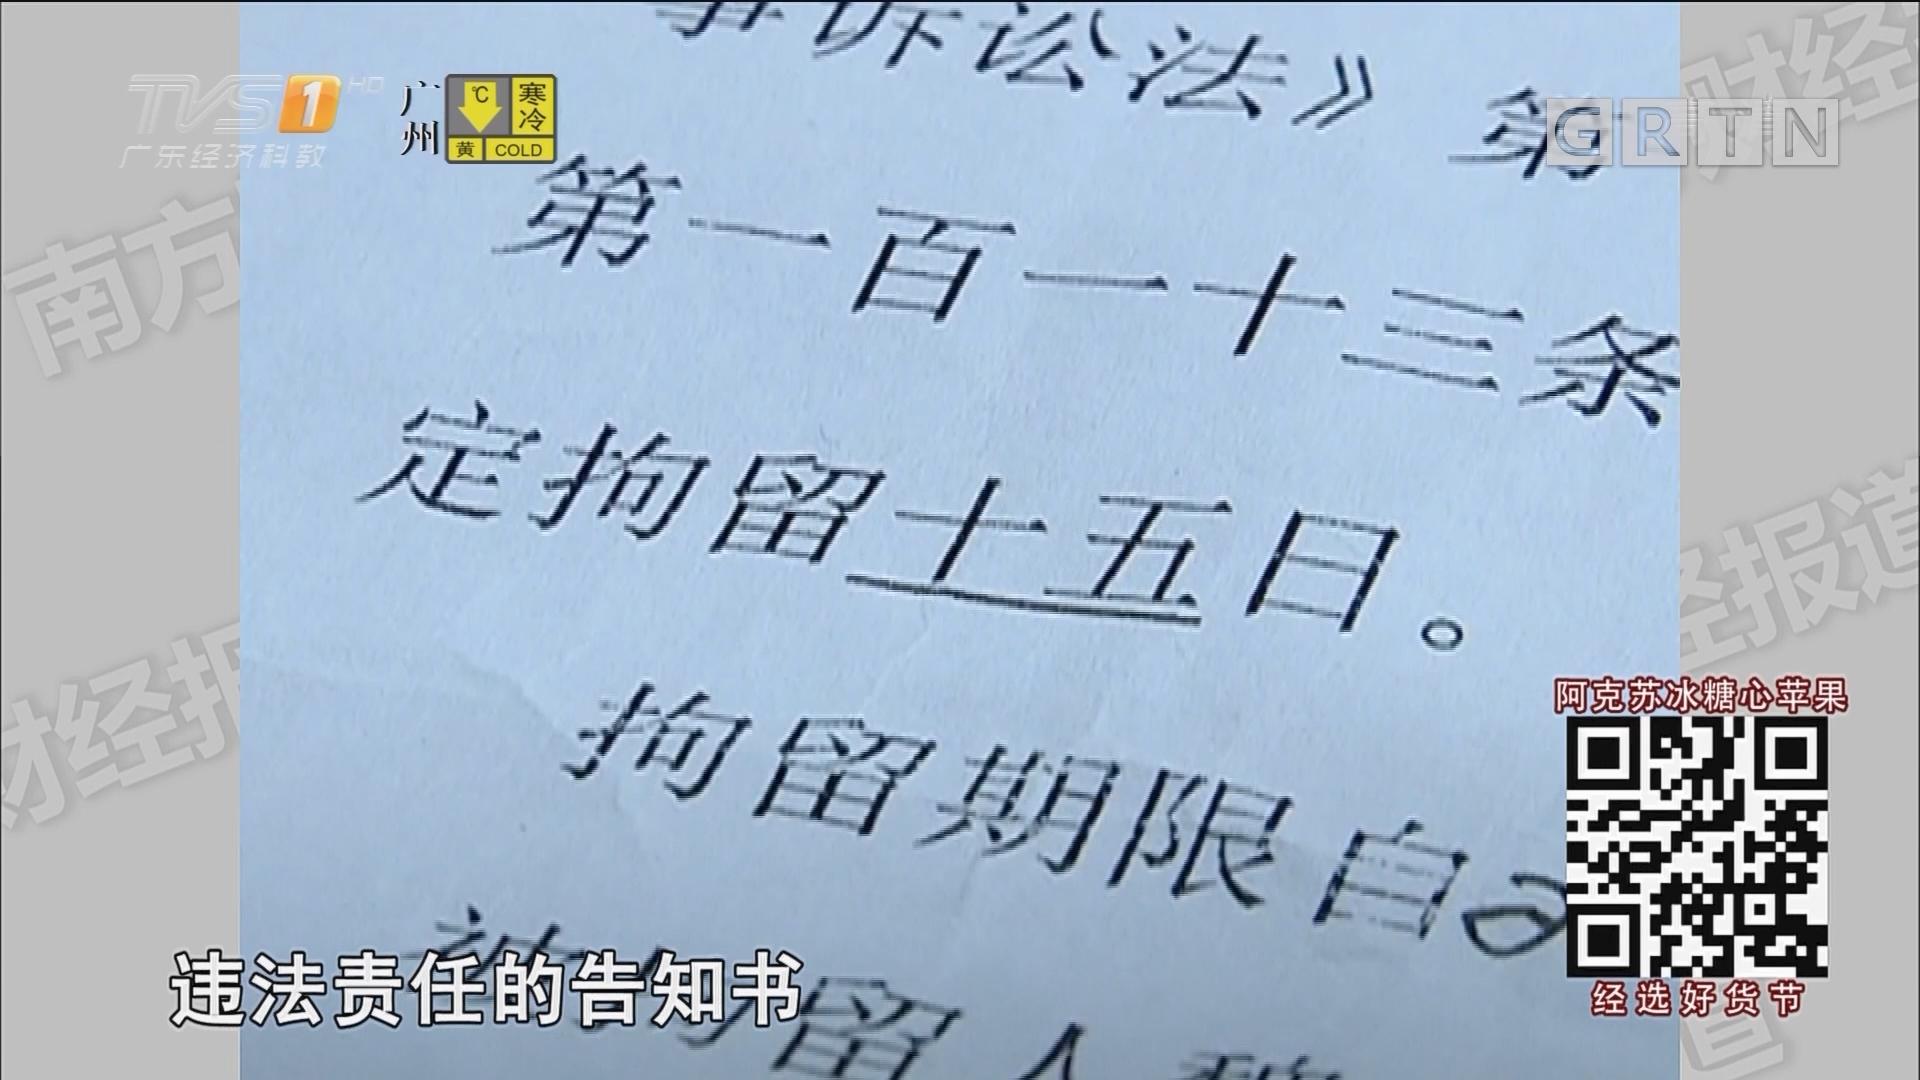 惠州:突击装修 受害人变侵权人